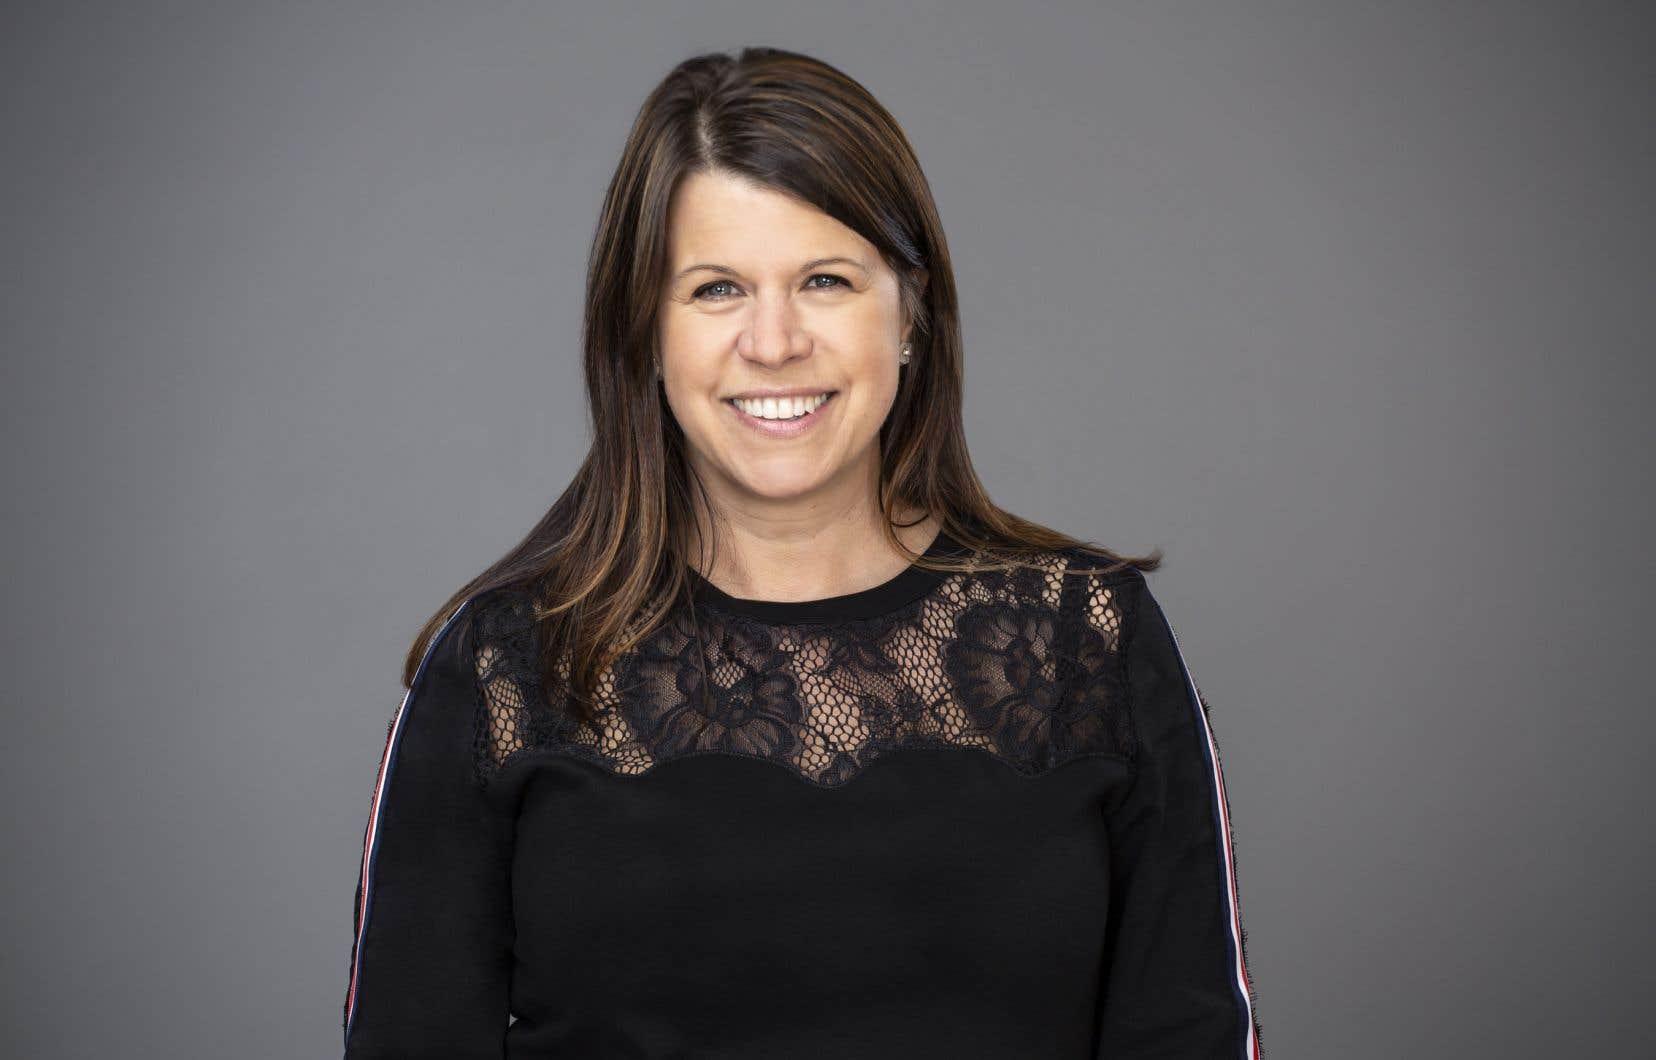 Anne Hudons'est dite «enthousiaste et honorée» d'avoir été choisie pour ce poste.